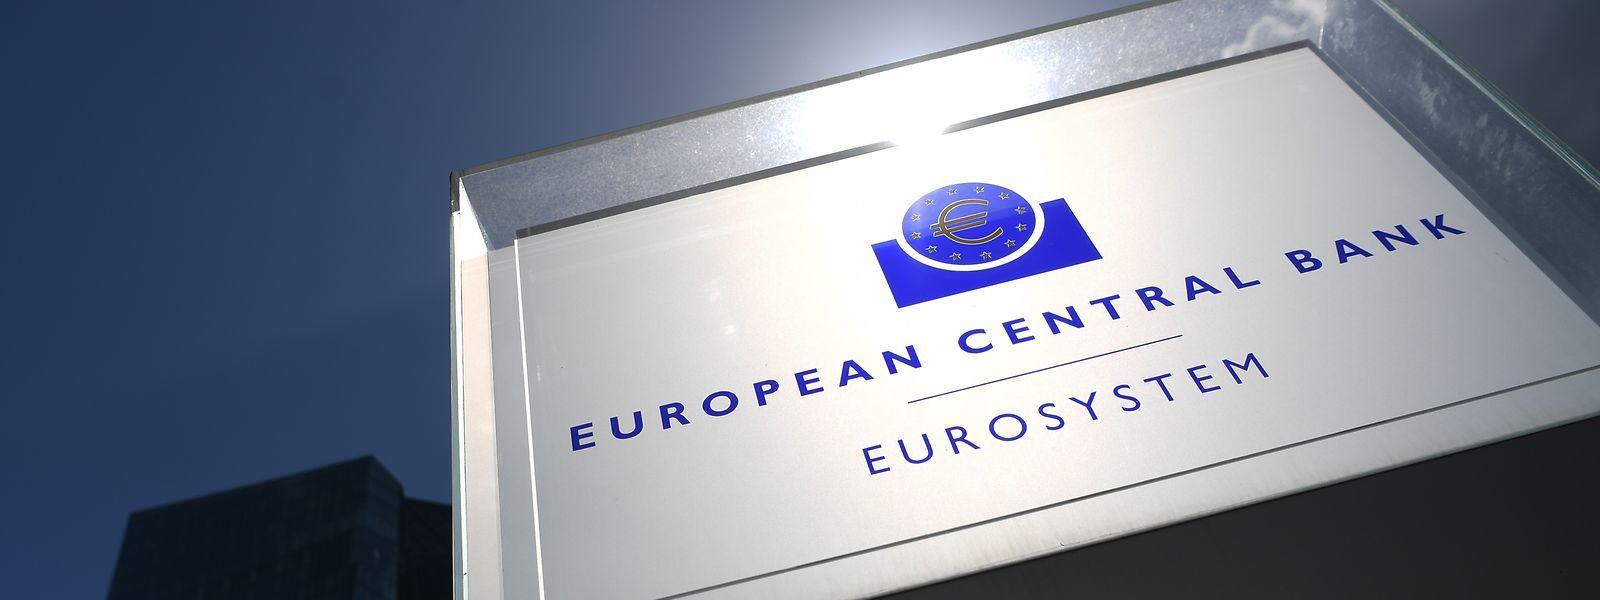 Mit viel billigem Geld versucht die EZB seit Jahren, der Konjunktur auf die Sprünge zu helfen.